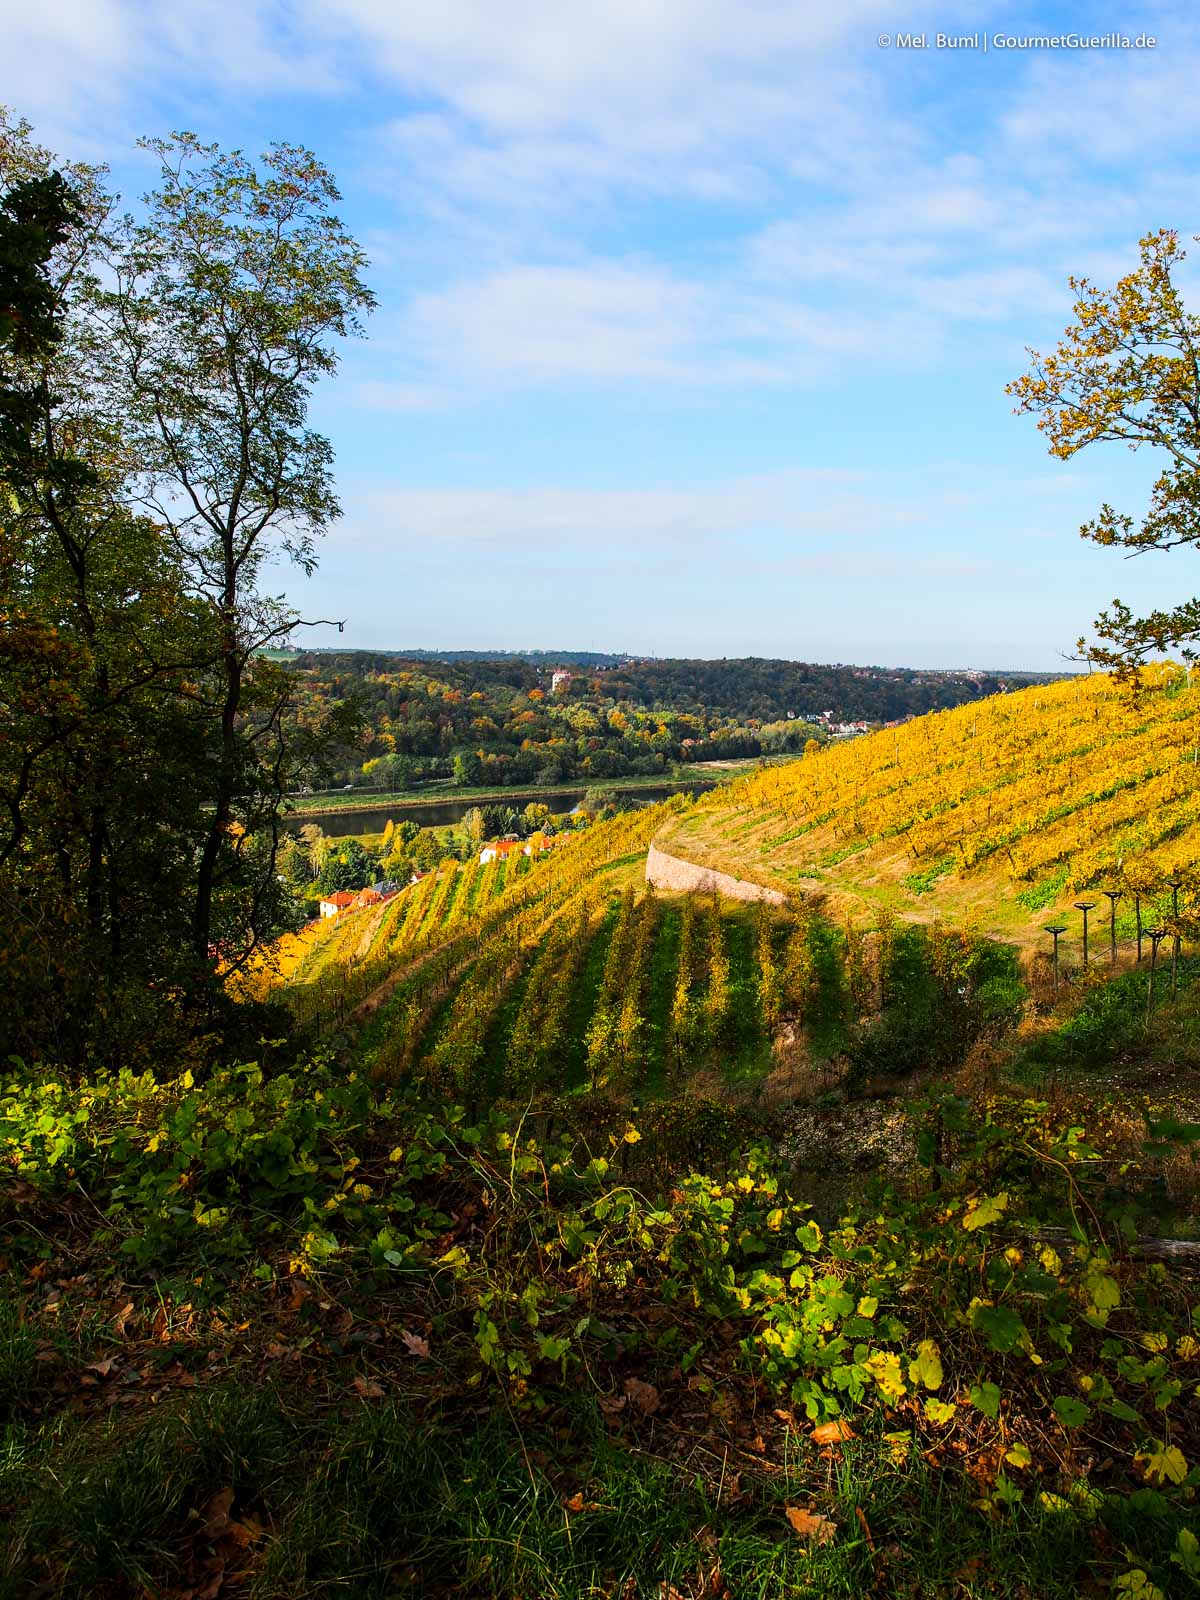 Ausblick auf Meißen Sächsische Weinstraße |GourmetGuerilla.de